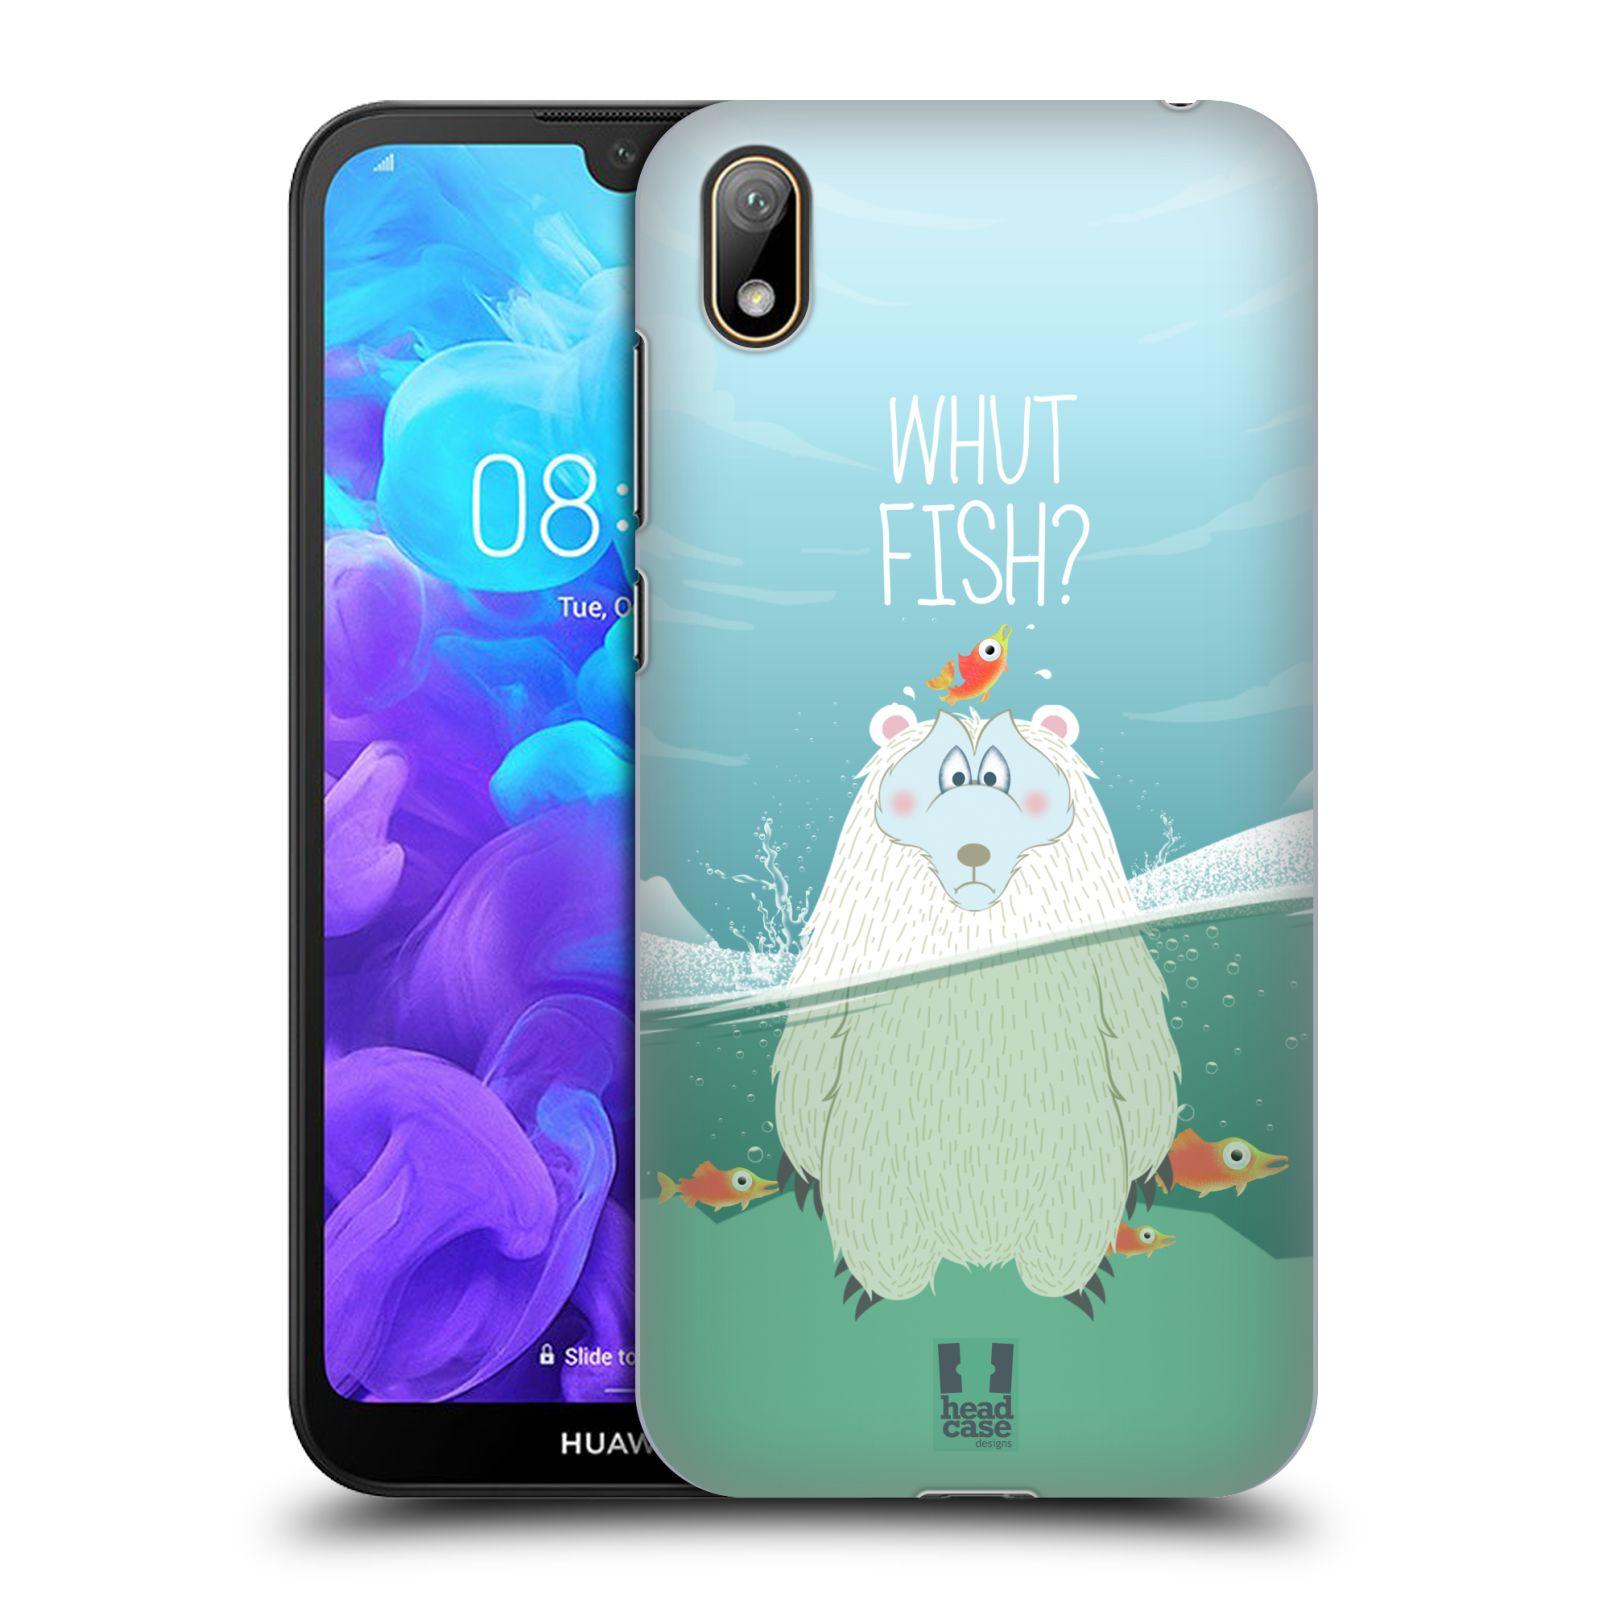 Plastové pouzdro na mobil Honor 8S - Head Case - Medvěd Whut Fish?